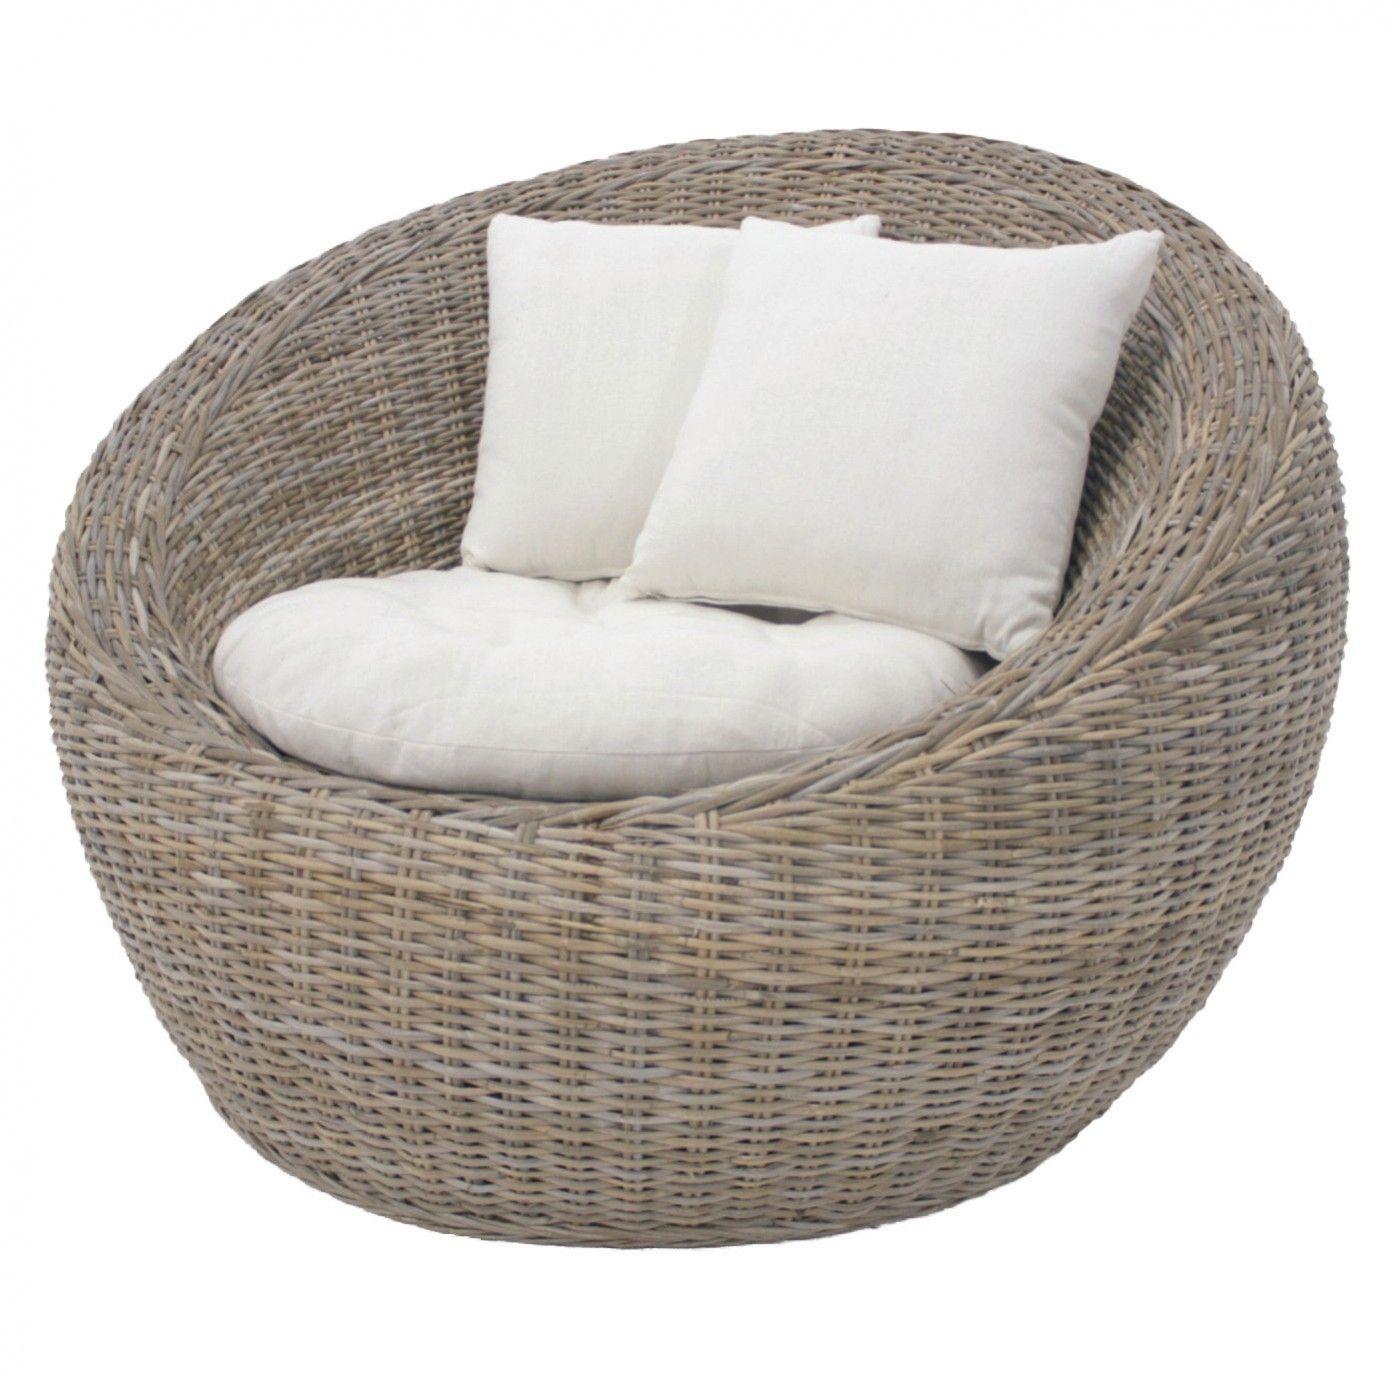 Carlos Tub Chair | Tub chair, Tubs and Seat cushions